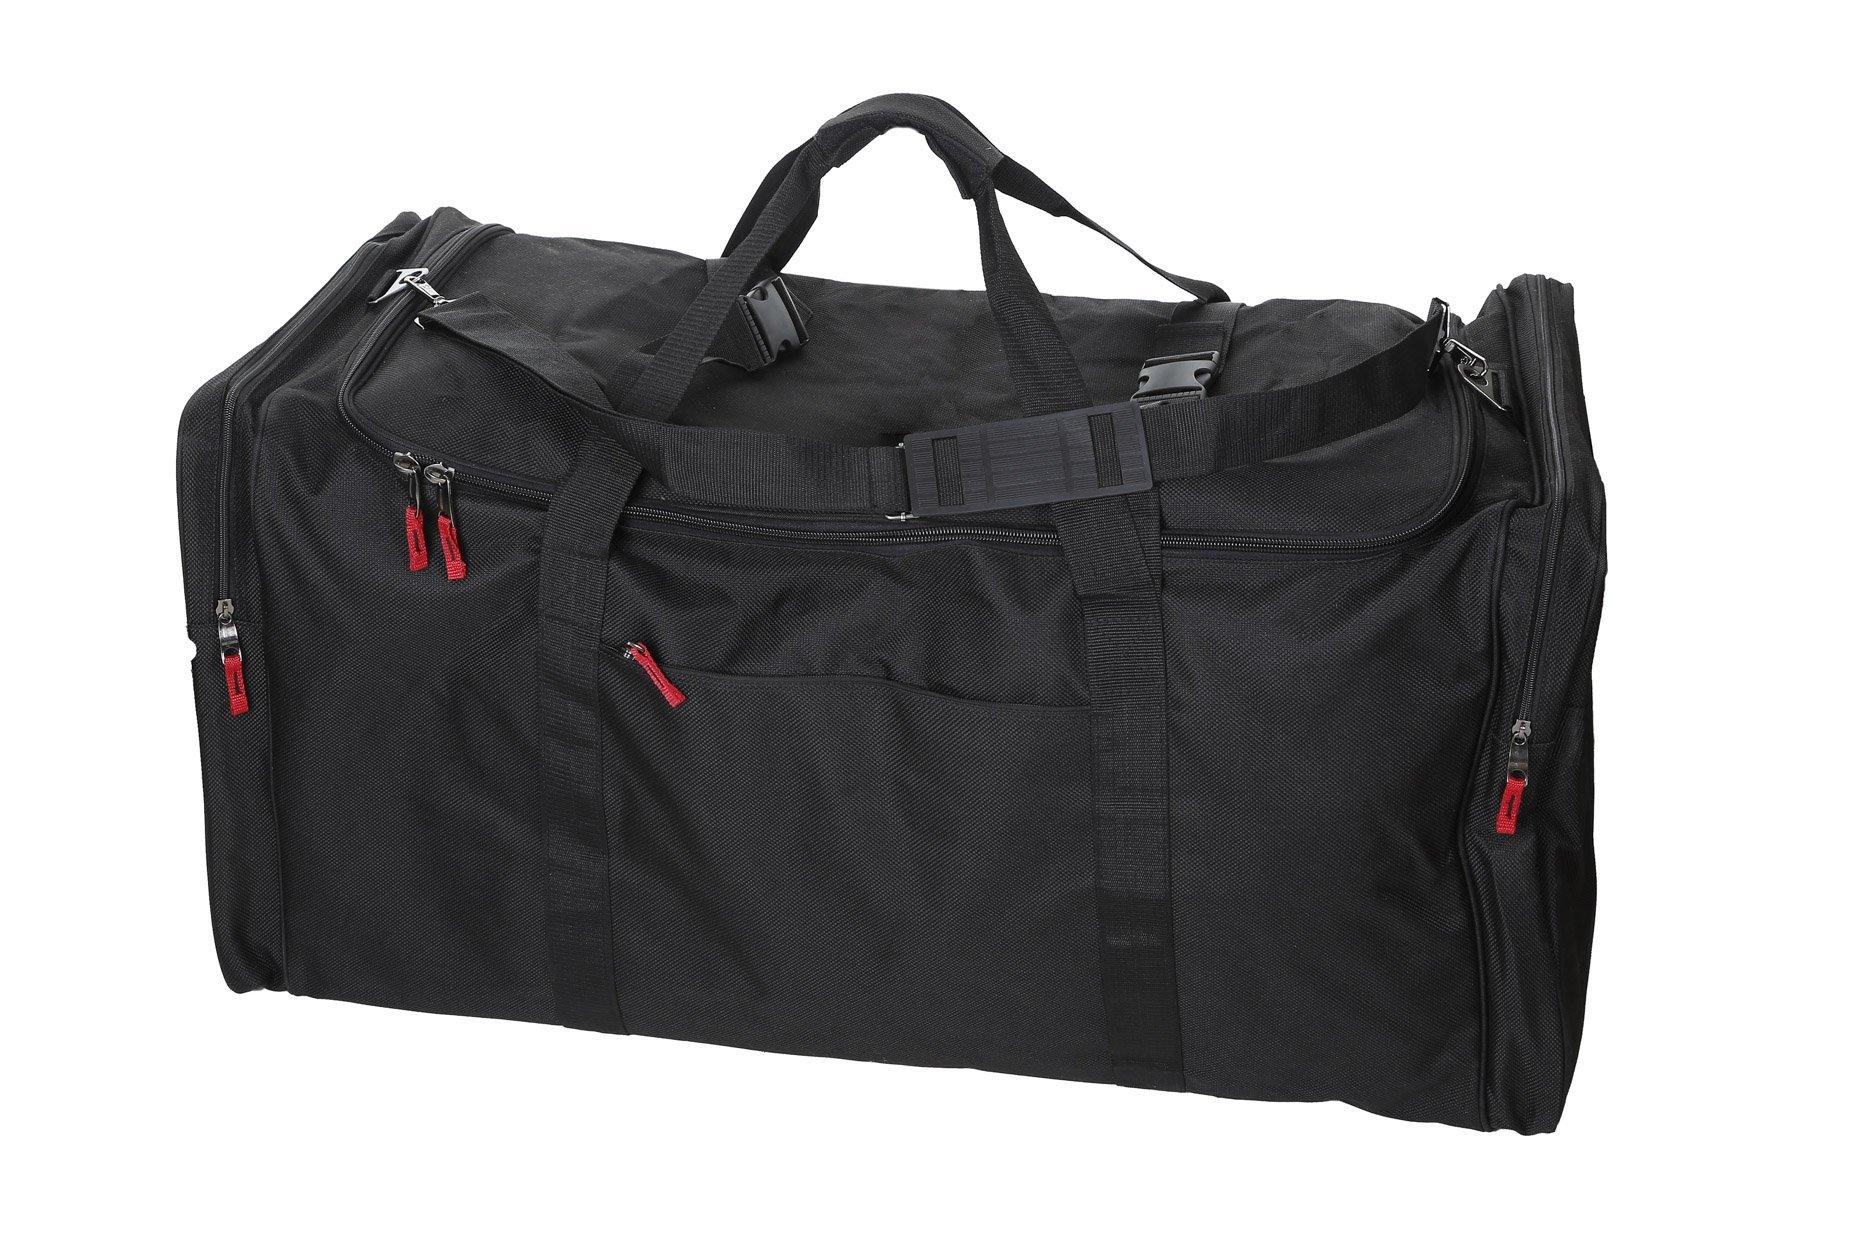 Camp Soft Trunk - Black, Size:  52 x 18 x 20, 18,720 Cu. Inch